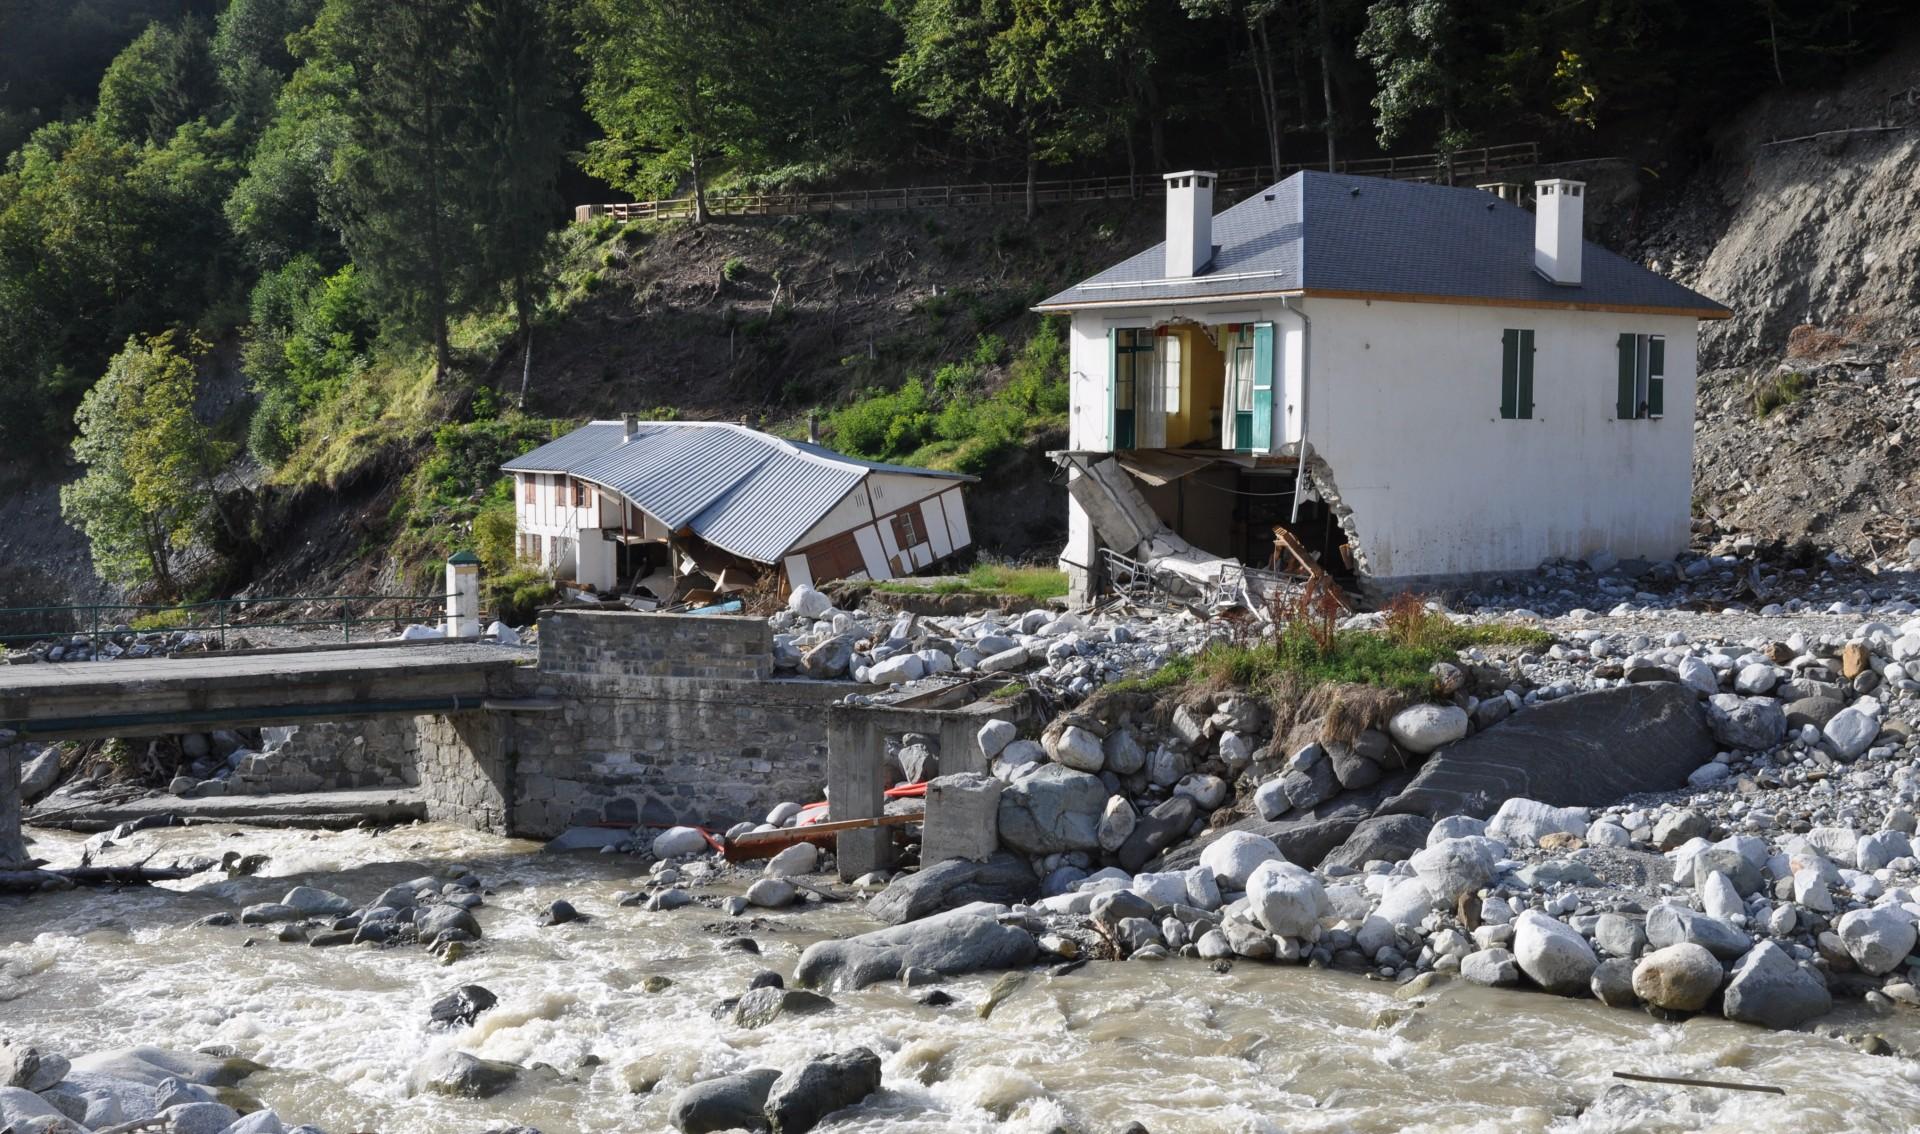 état de catastrophe naturelle - arrête - Hautes-Pyrénées - inondations - Juin 2013 - crue éclair